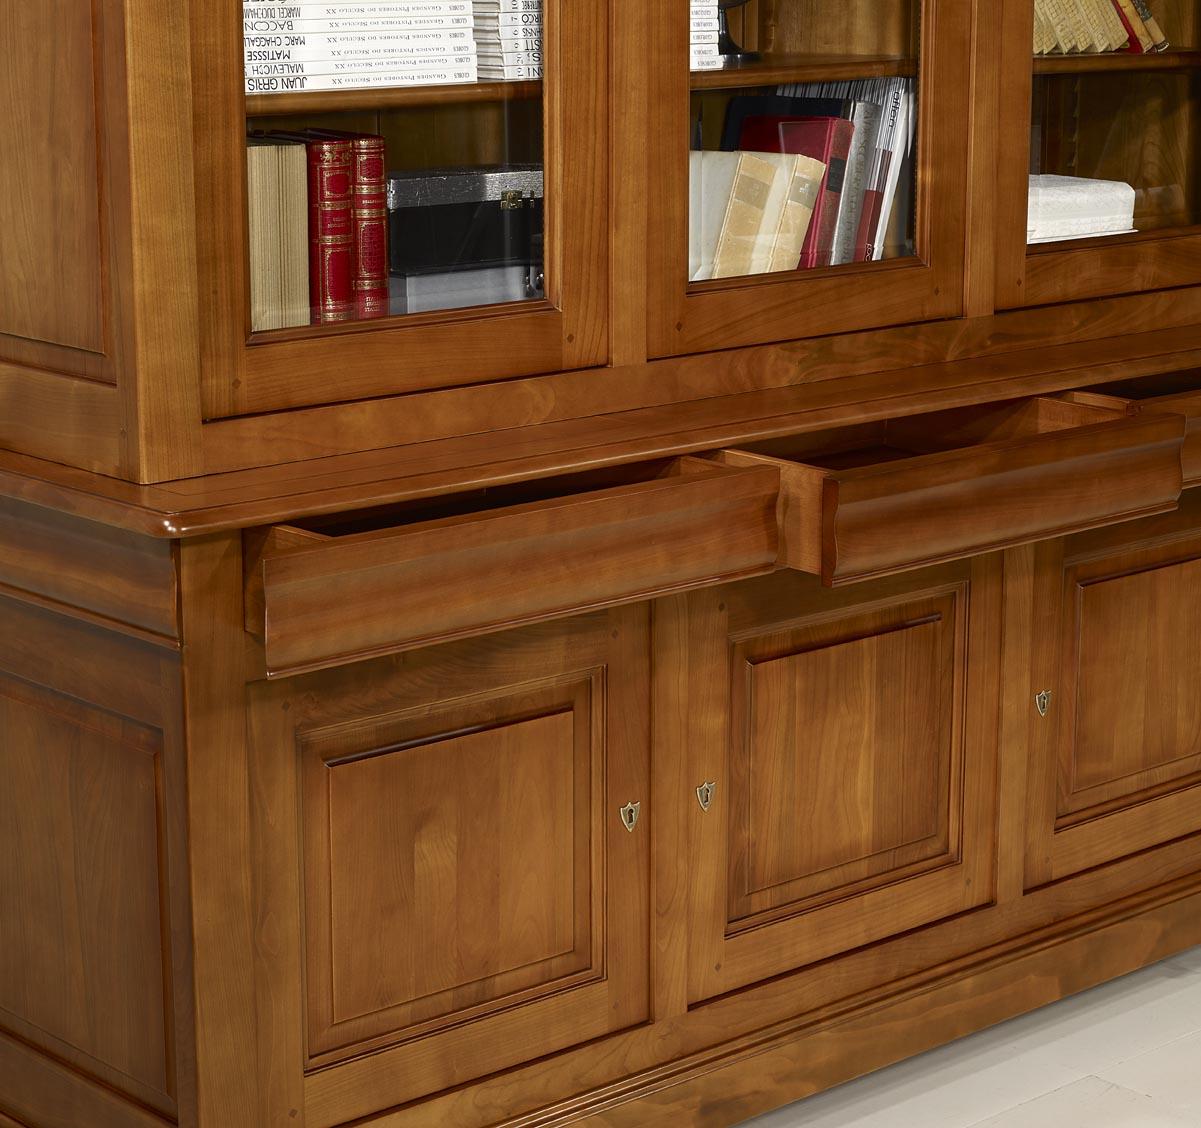 Meuble merisier moderne amazing meuble merisier moderne for Meuble merisier